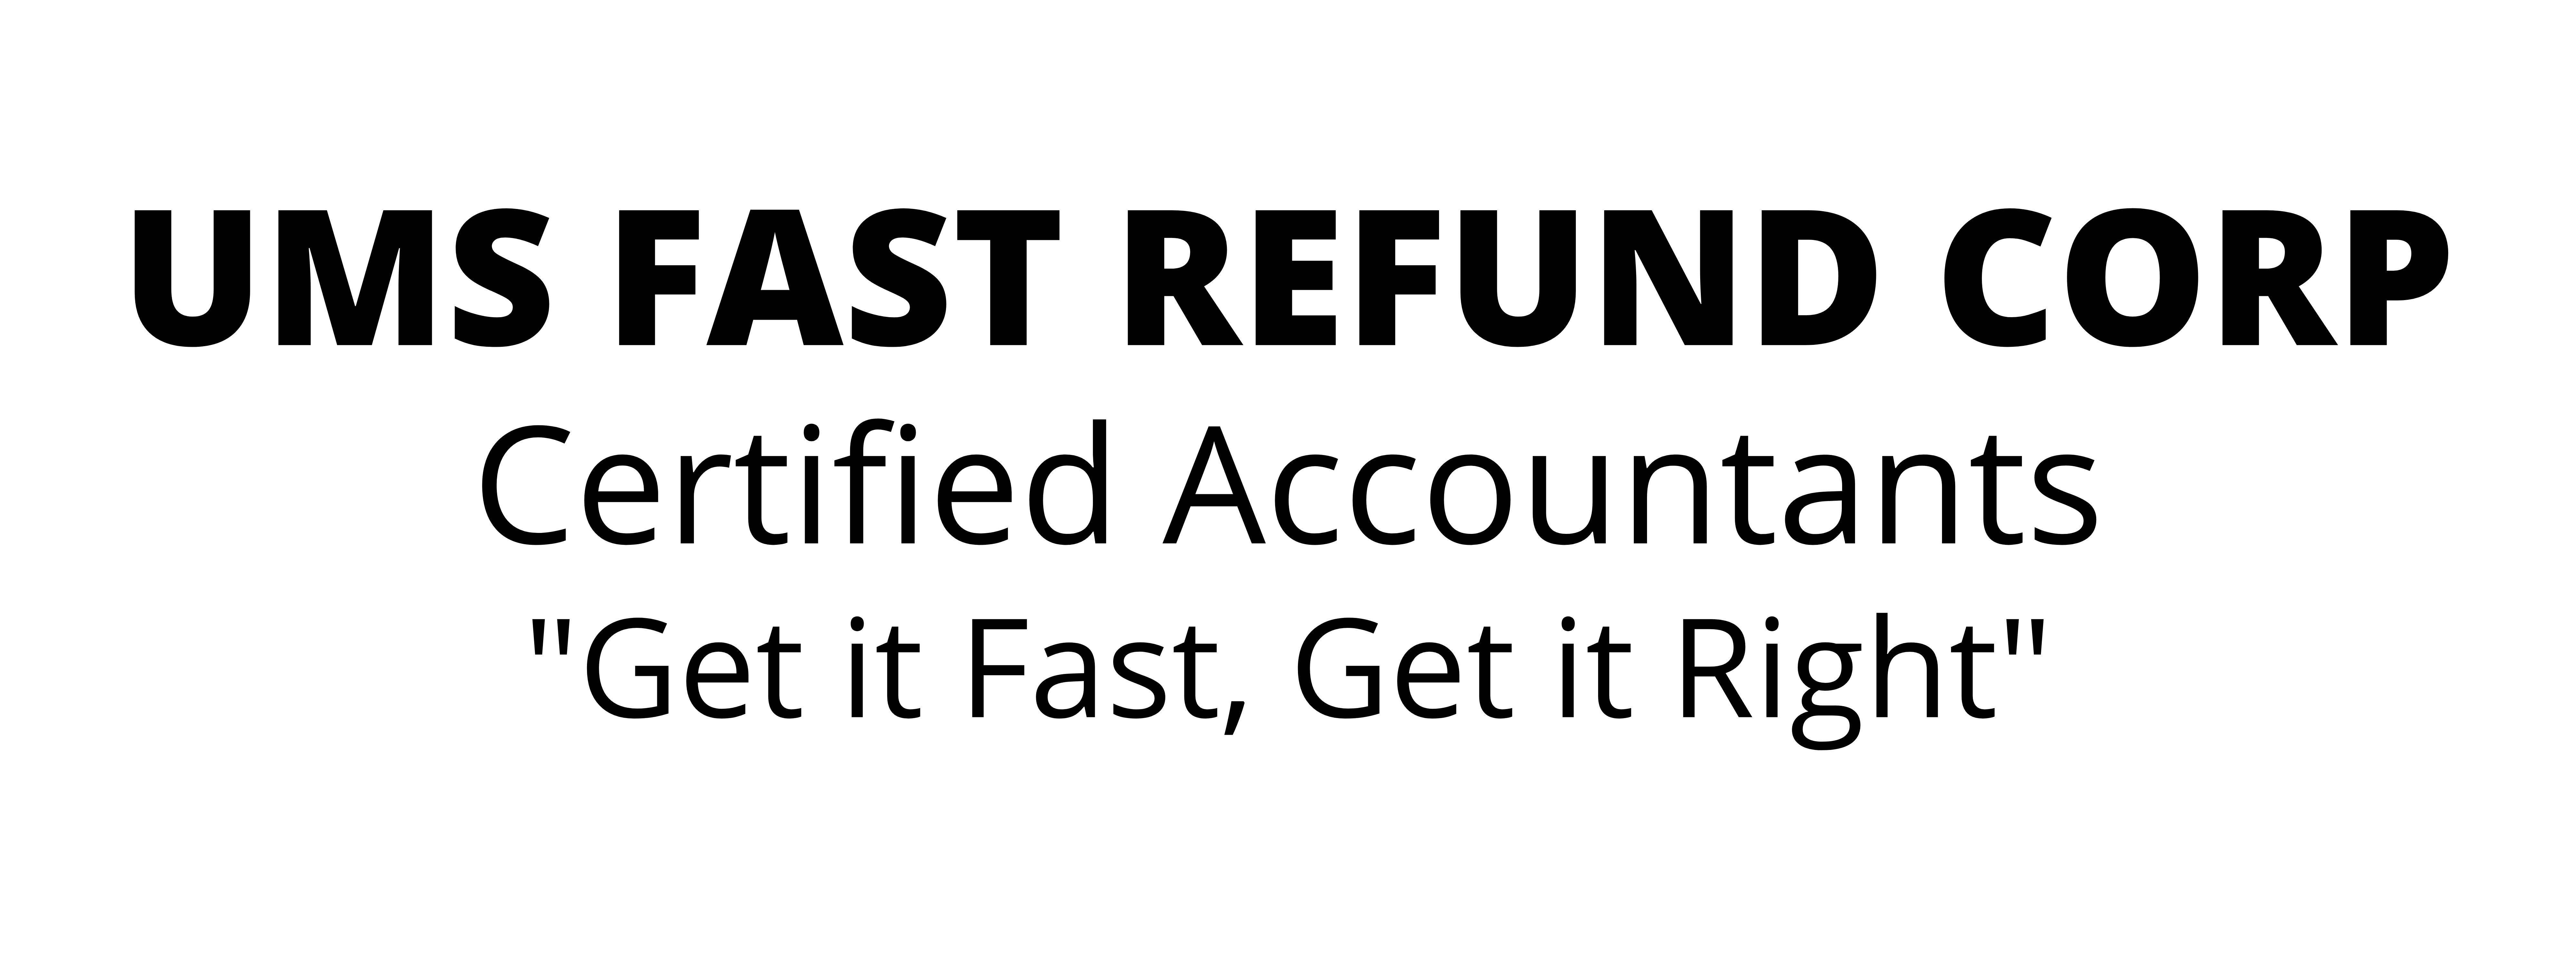 UMS Fast Refund